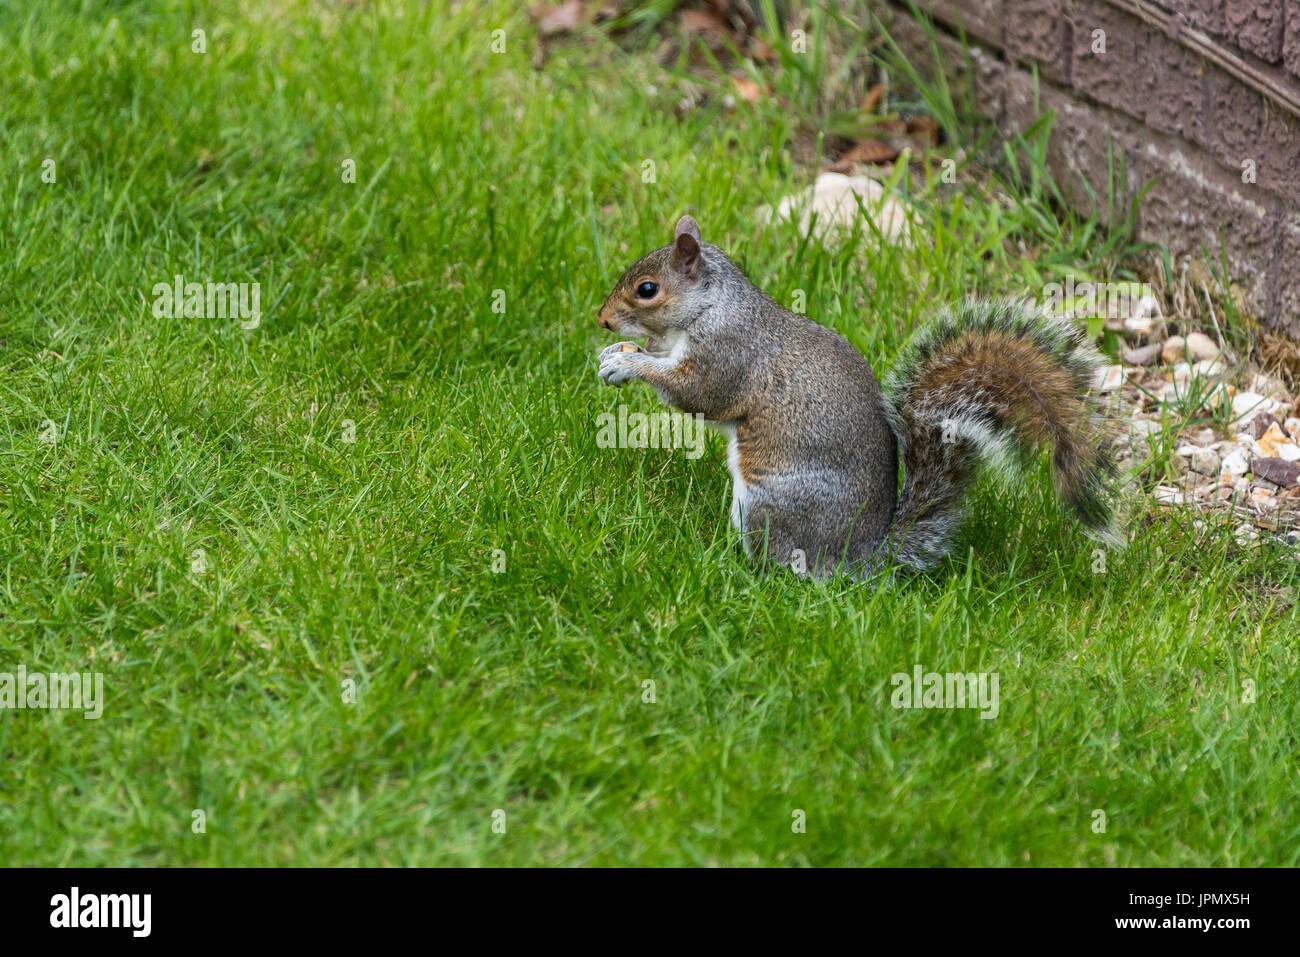 A grey squirrel (Sciurus carolinensis) feeding in a garden - Stock Image